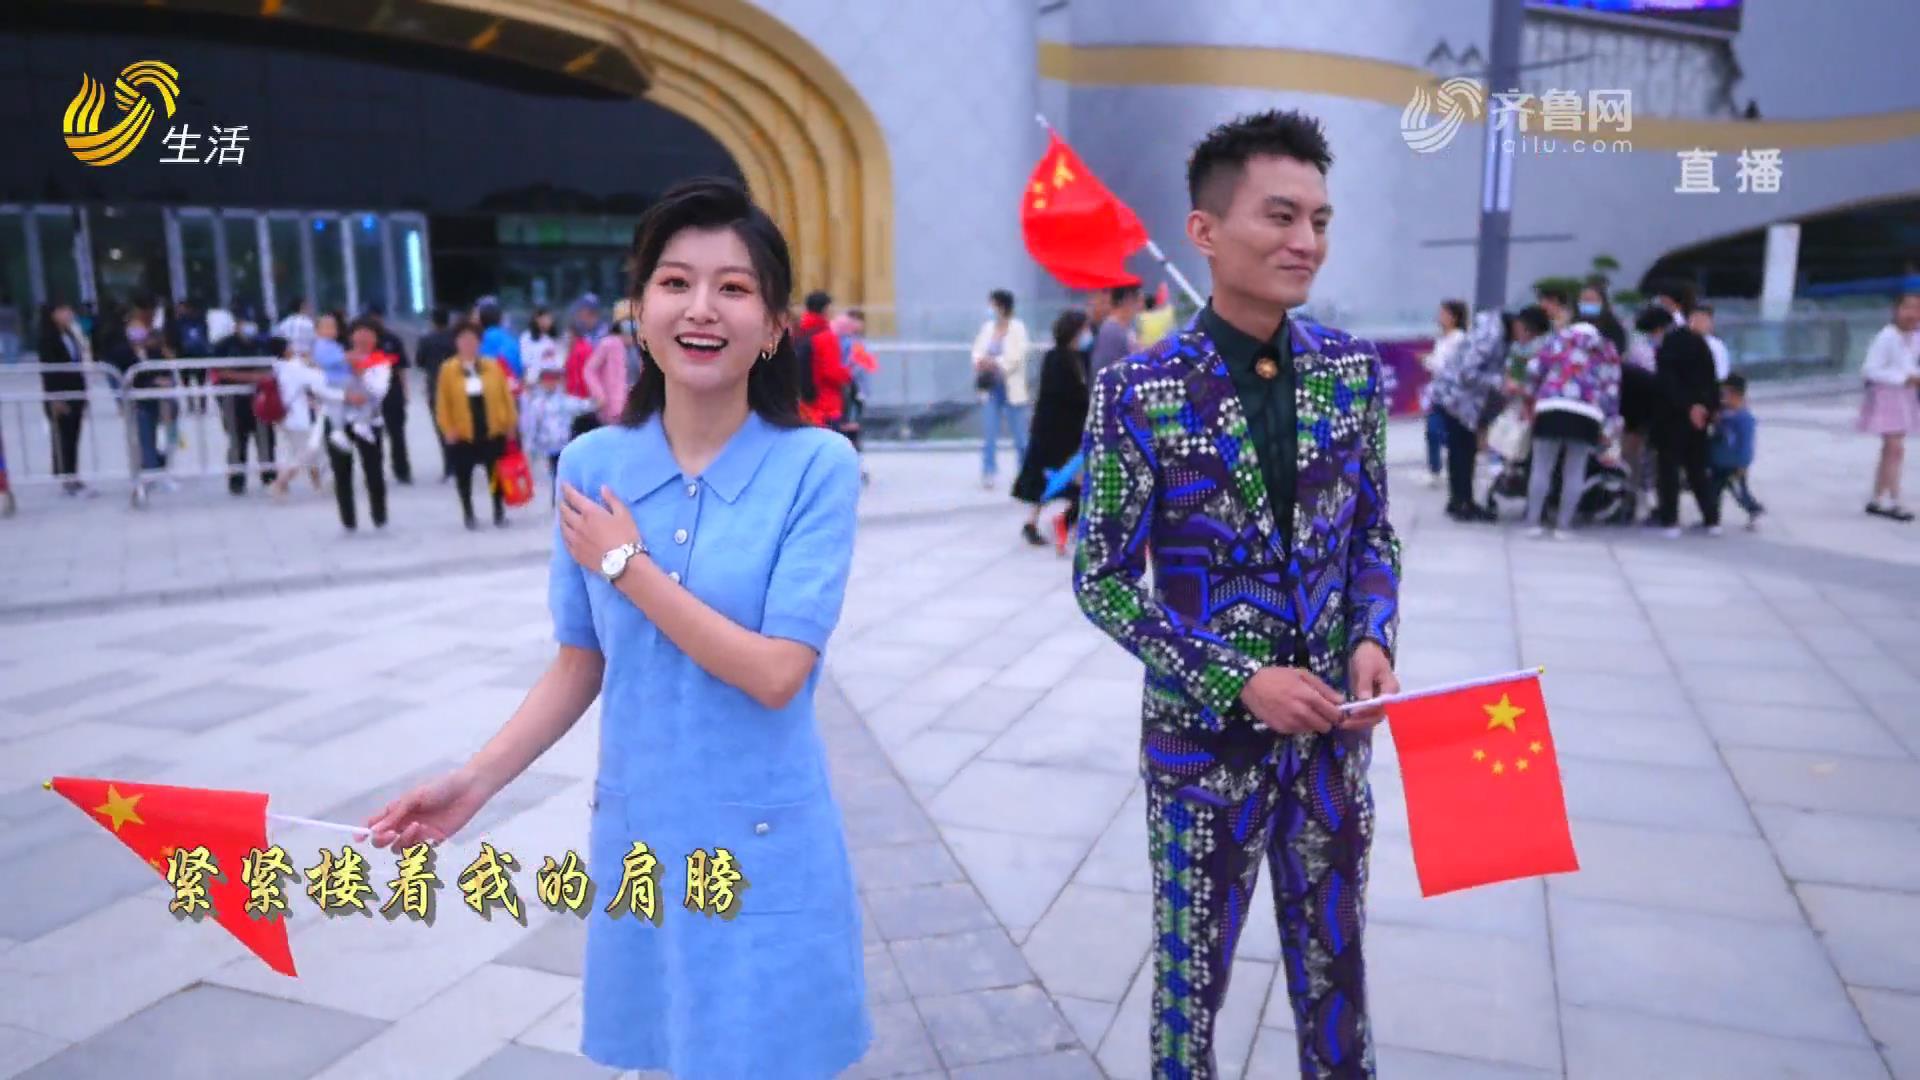 濟南融創文旅城快閃MV